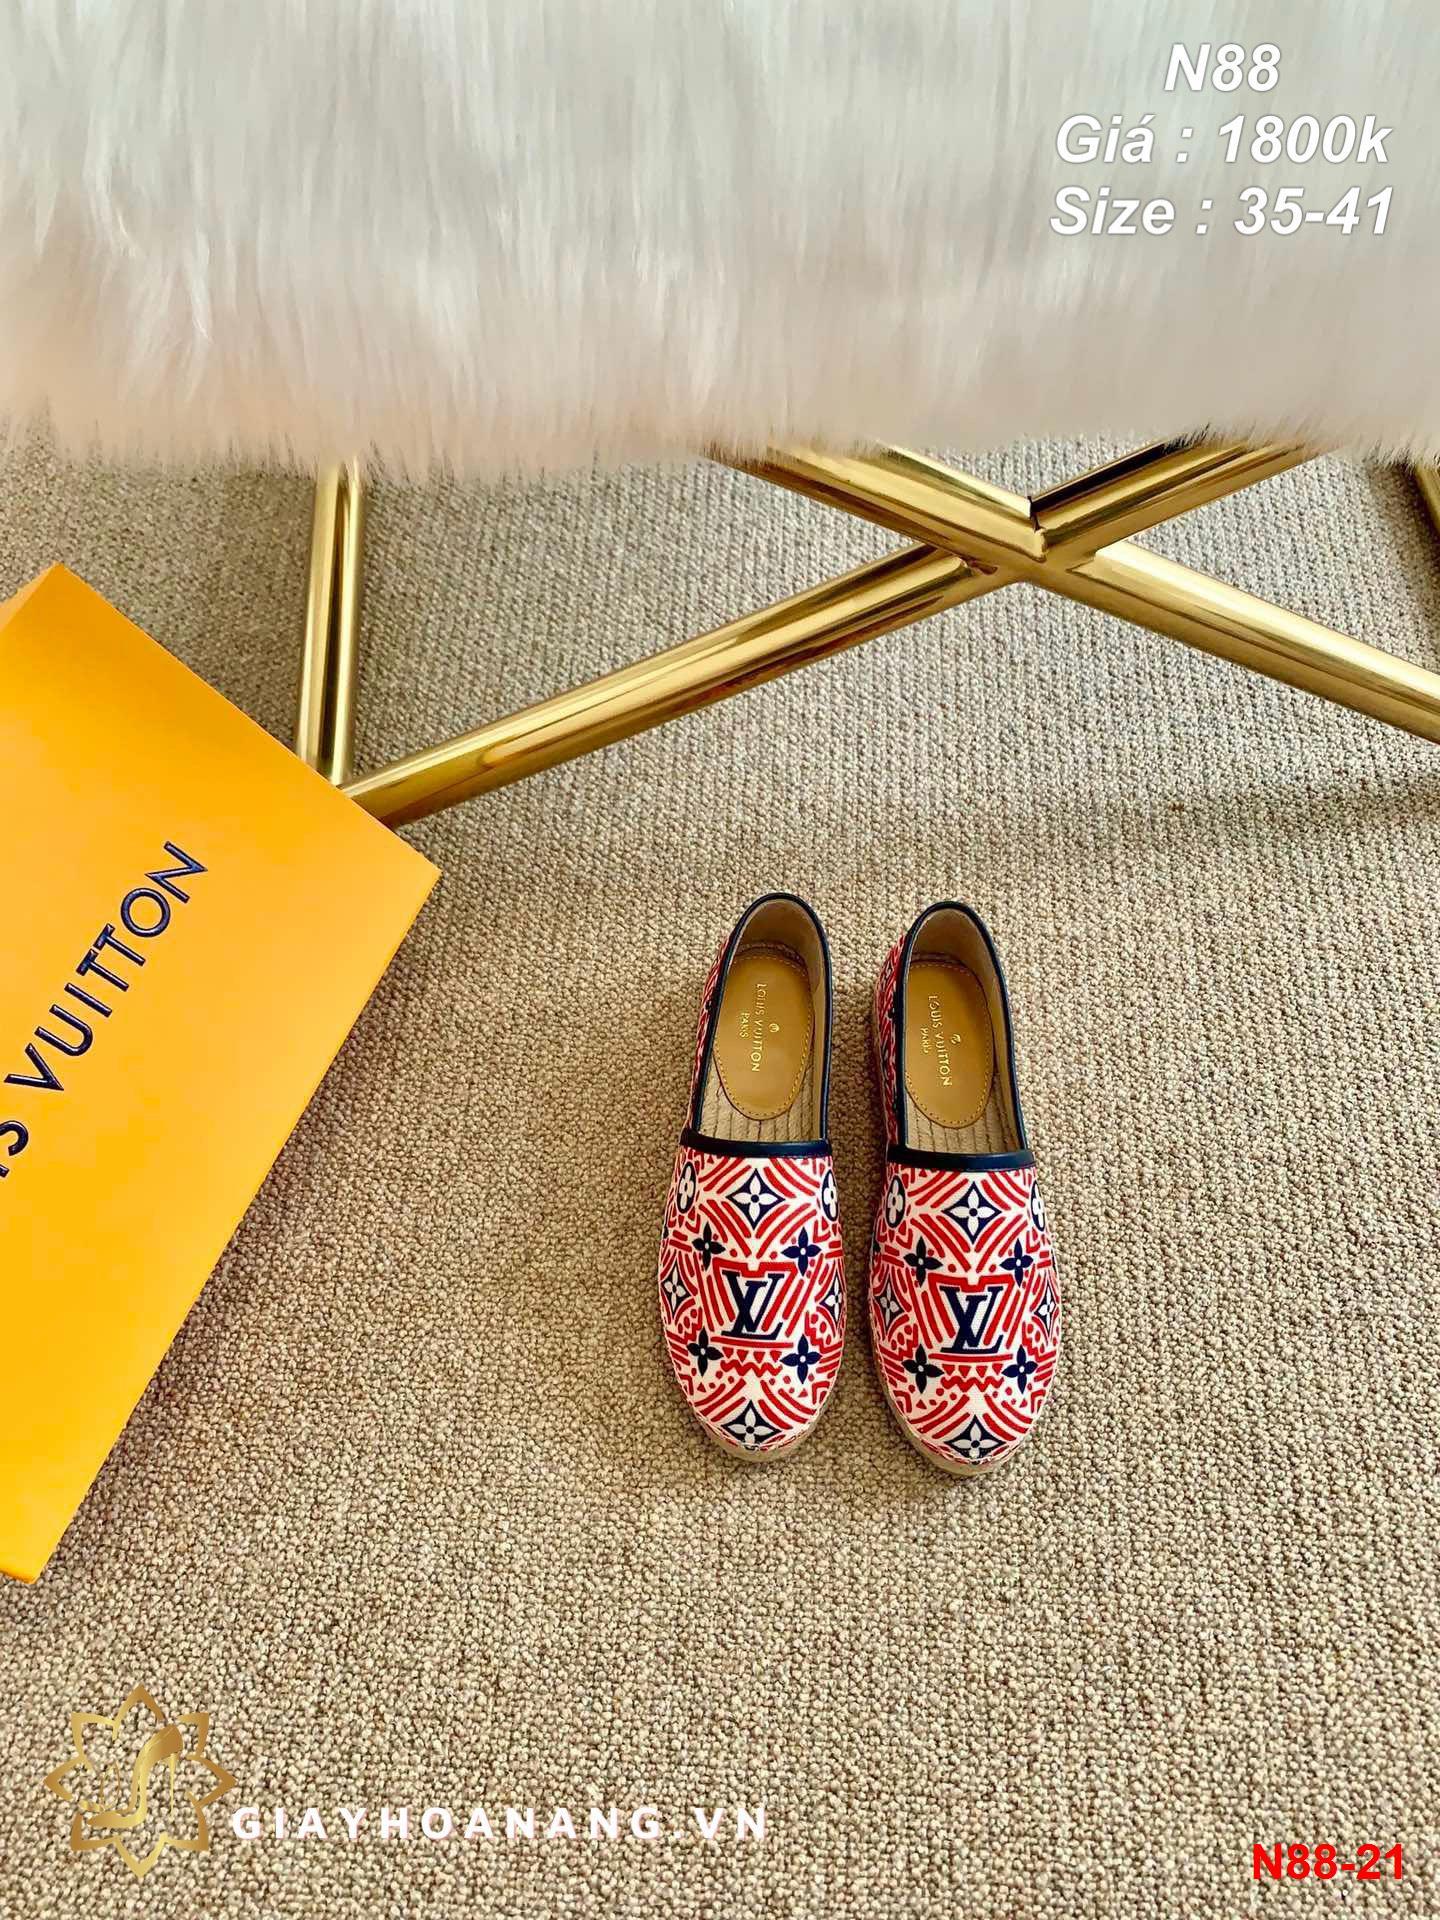 N88-21 Louis Vuitton giày lười siêu cấp